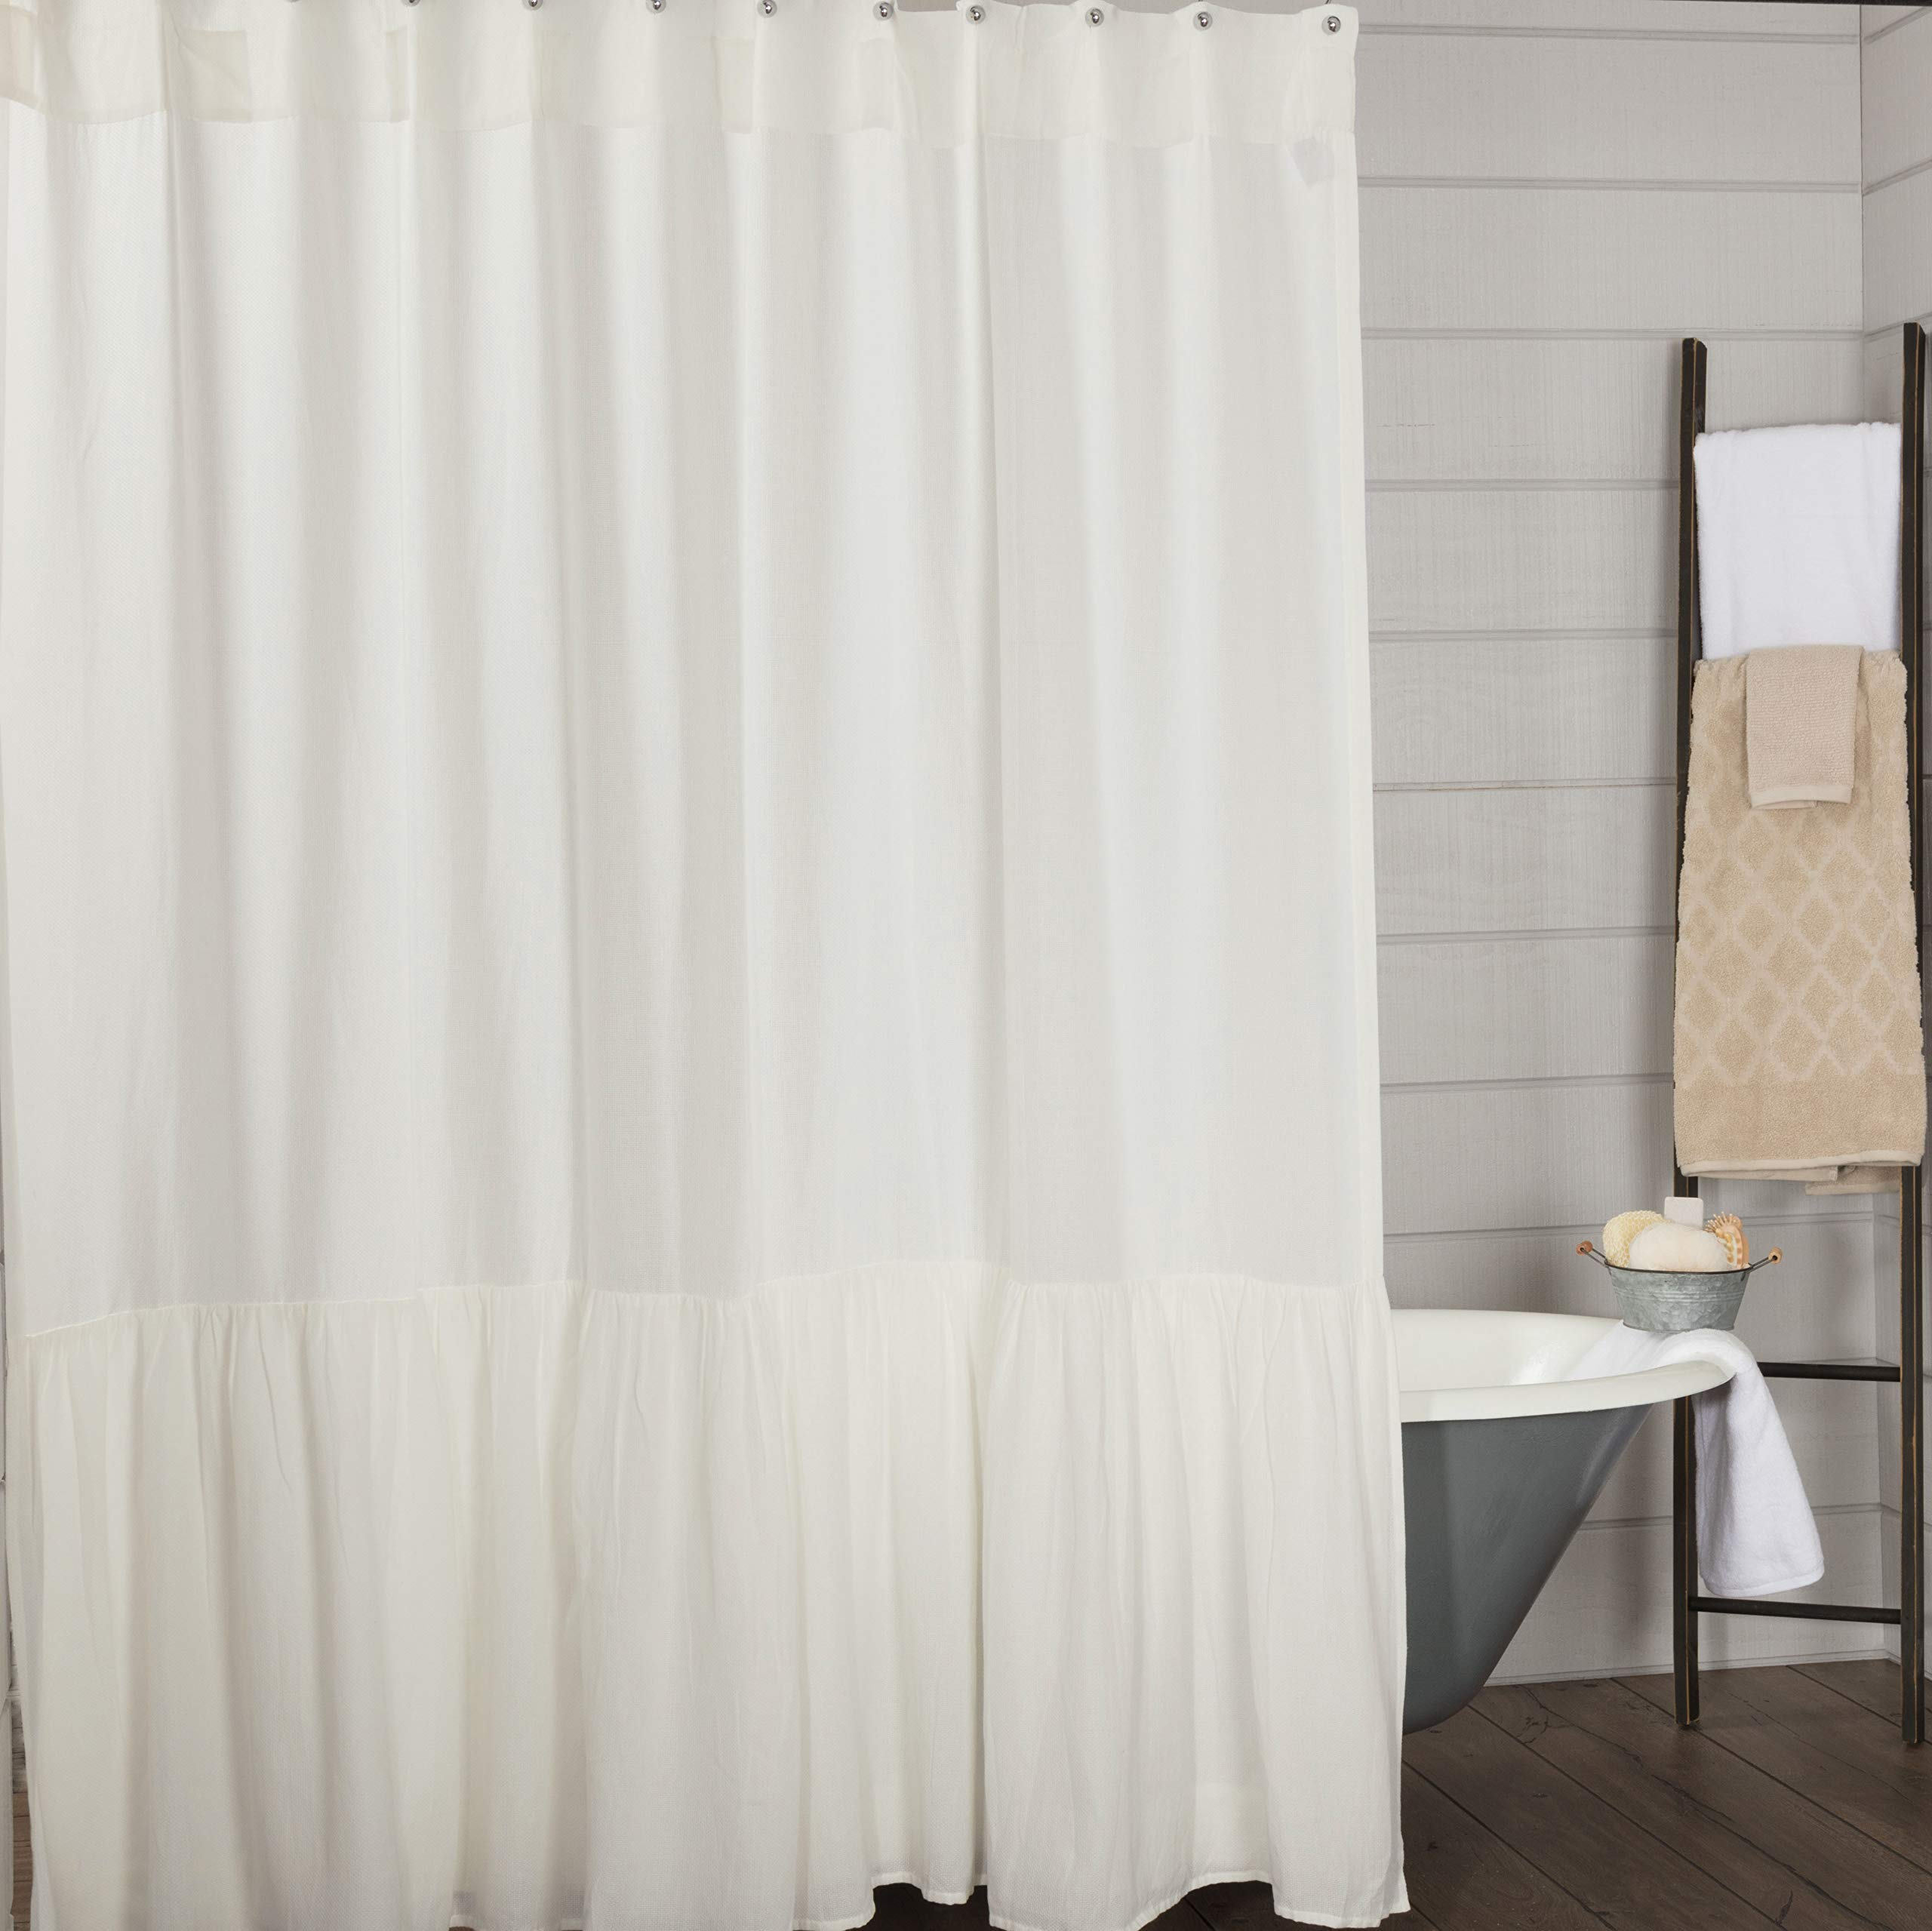 Piper Classics Annabelle High Ruffle Shower Curtain, 72 x 72, Antique Soft White, Farmhouse Chic Style Bathroom Decor